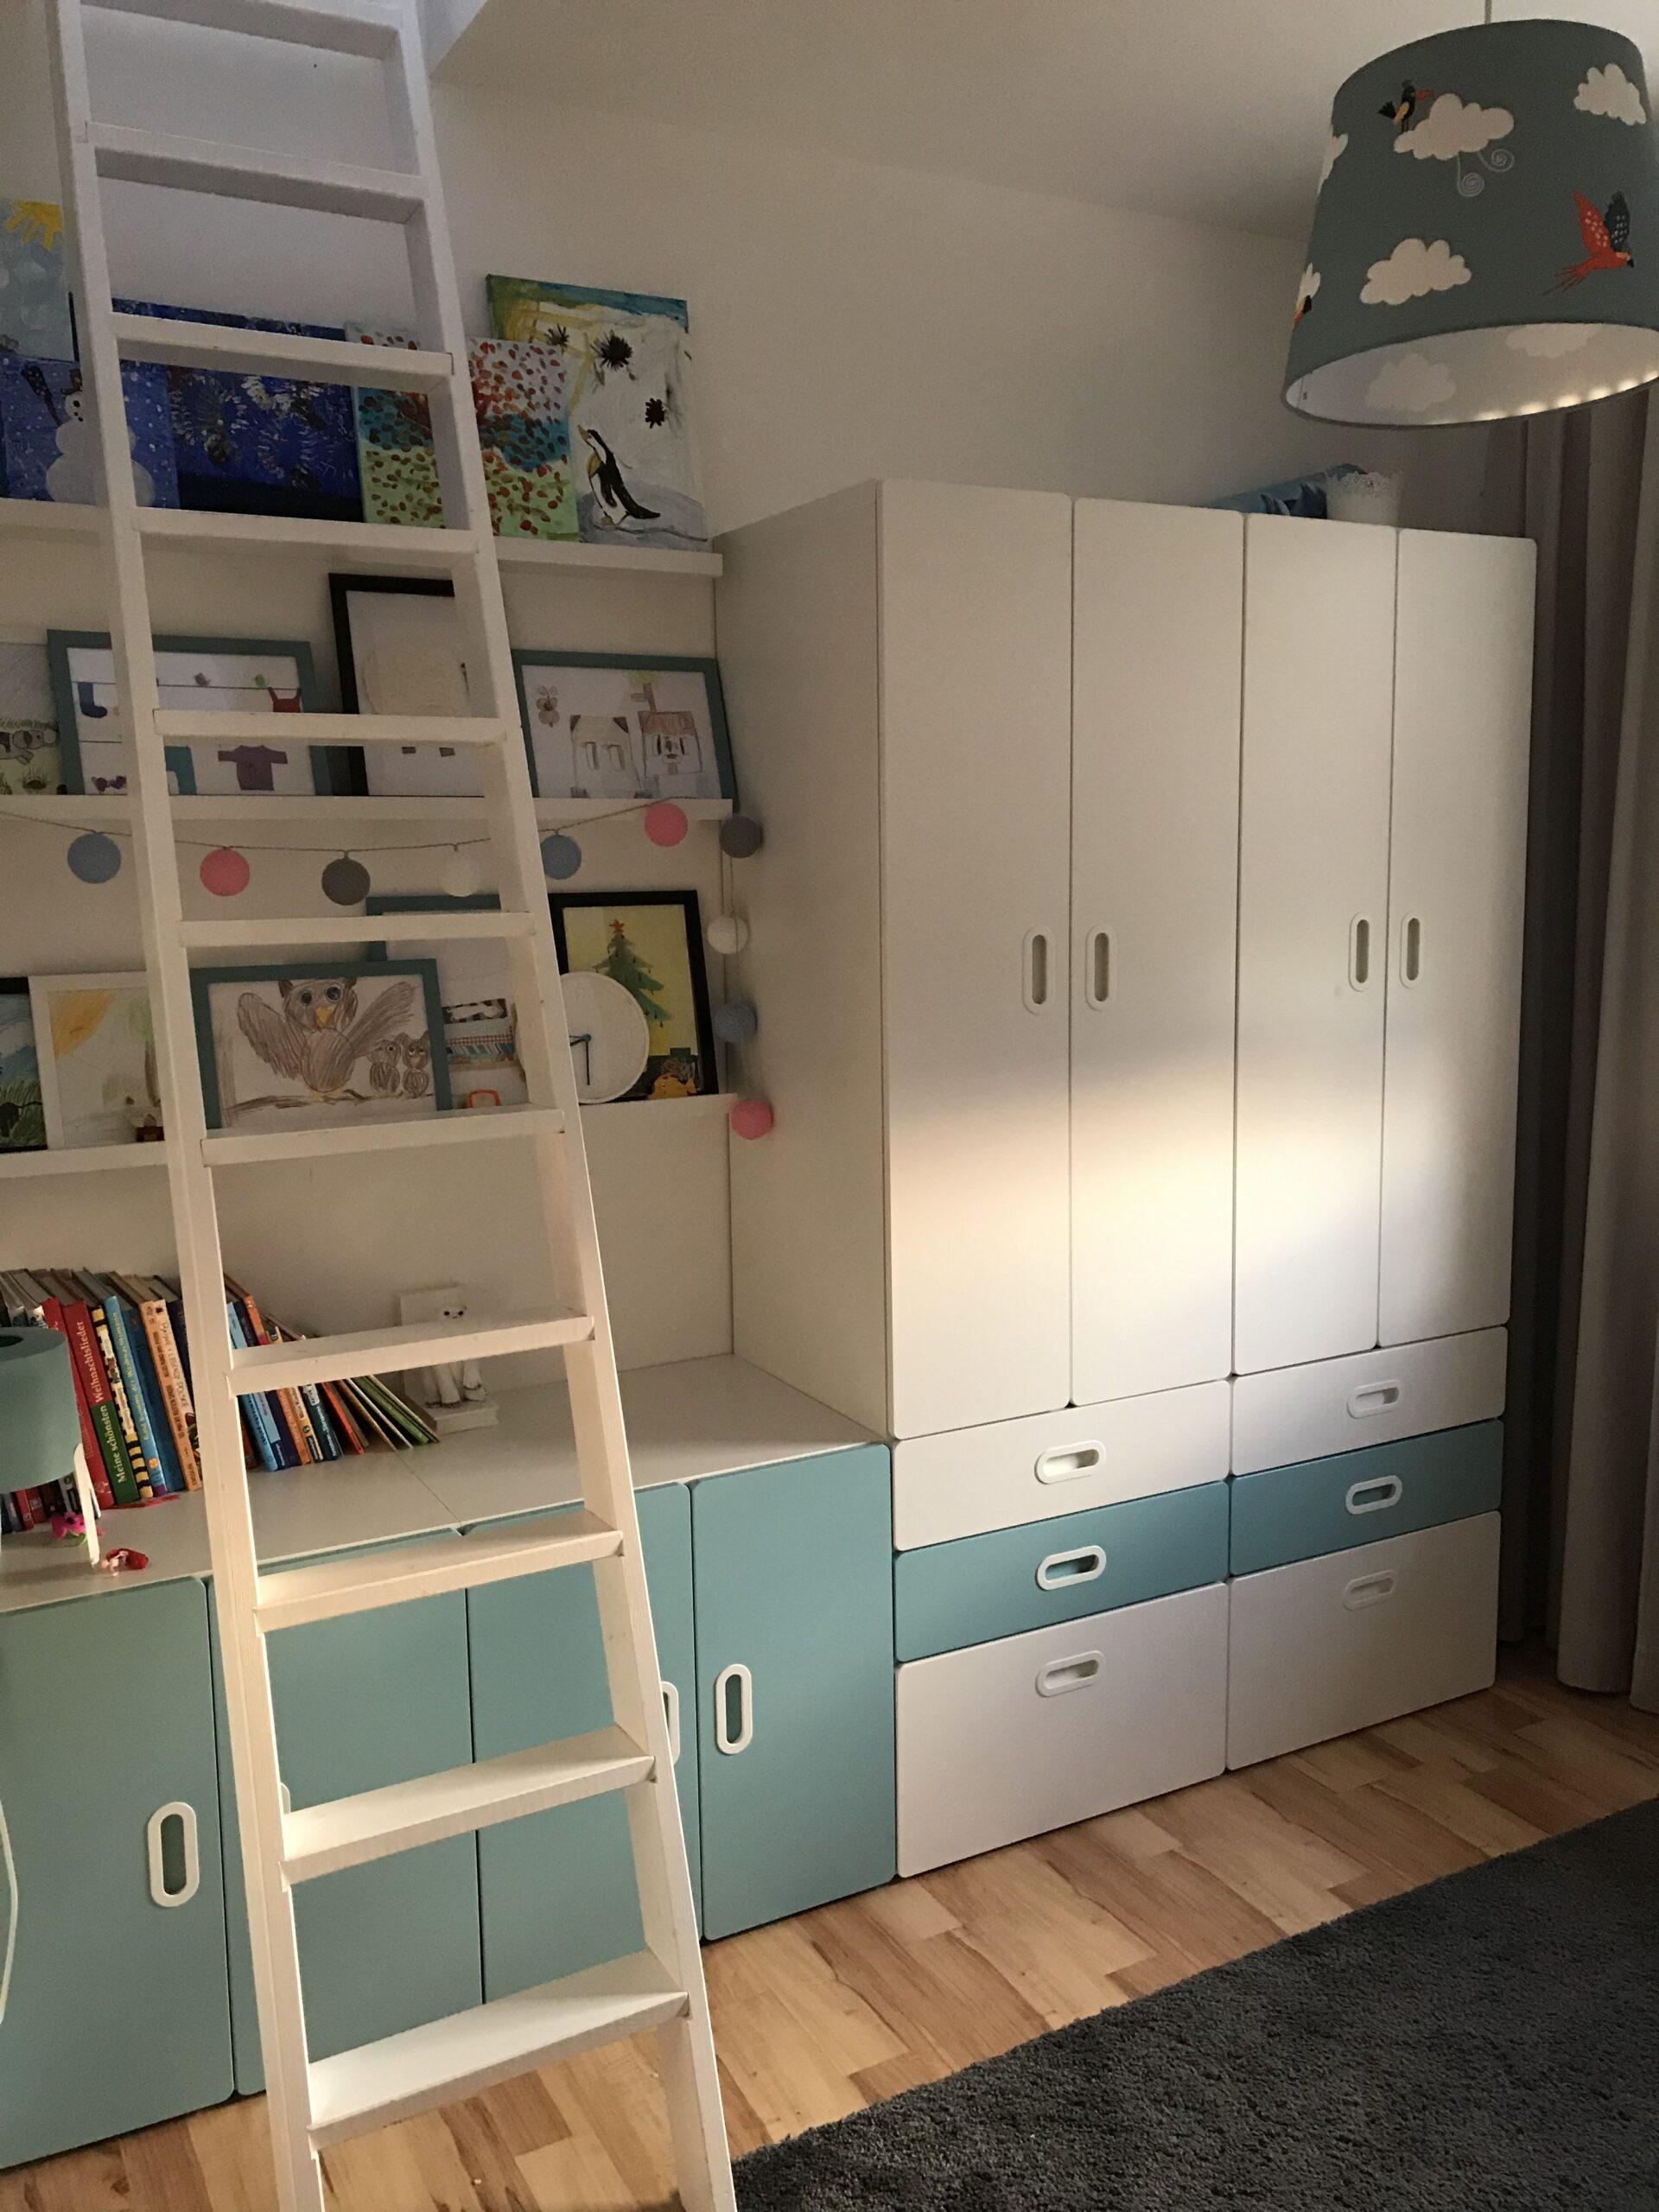 Full Size of Kinderzimmer Einrichten Junge Ikea Stuva Sofa Regal Weiß Küche Kleine Badezimmer Regale Kinderzimmer Kinderzimmer Einrichten Junge